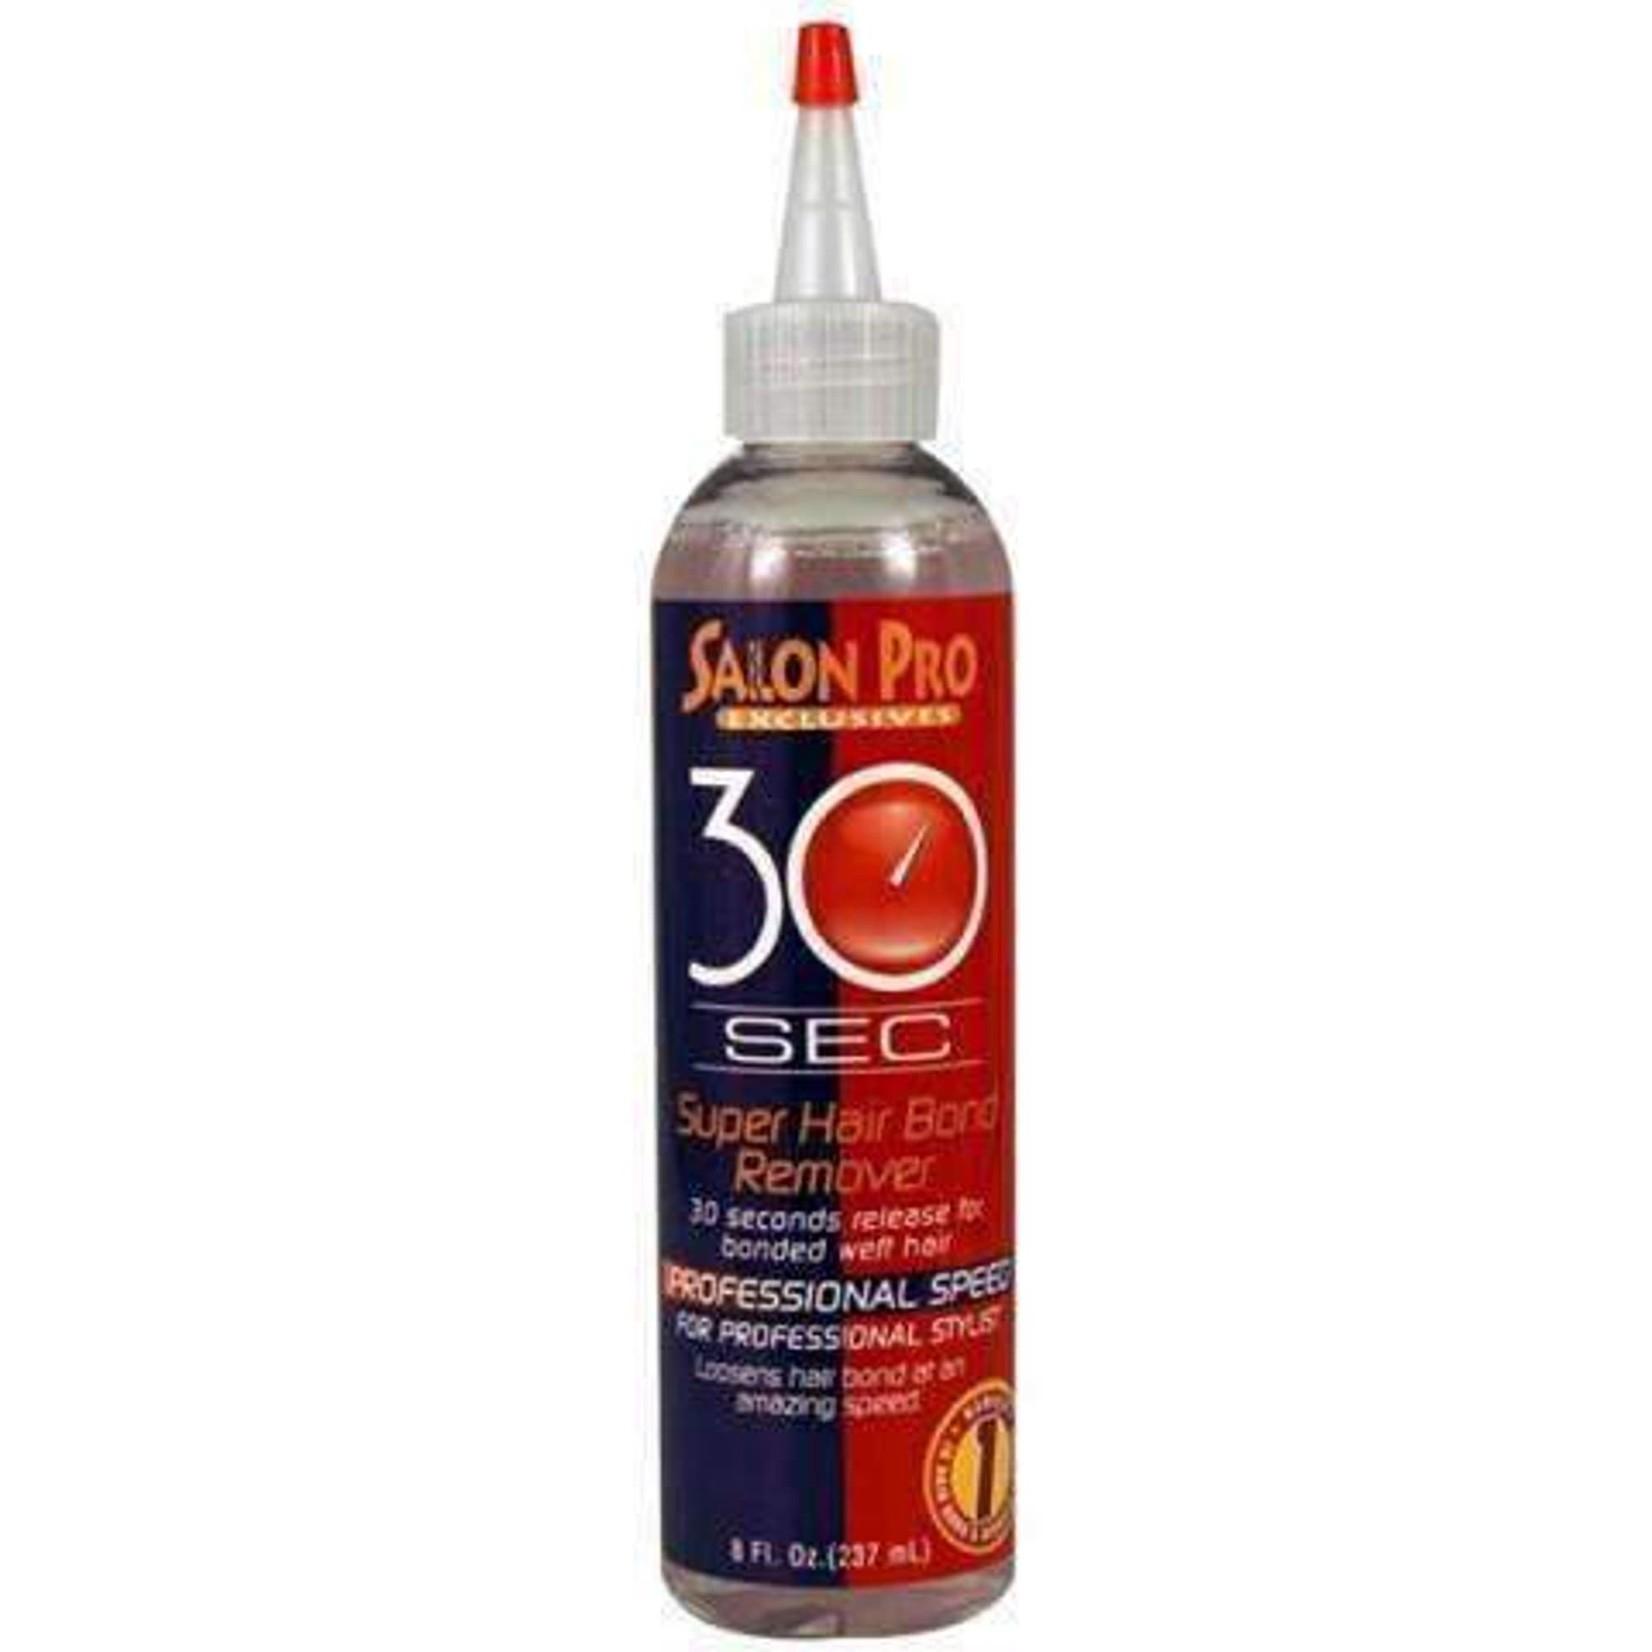 SALON PRO SALON PRO 30 SEC HAIR BOND GLUE REMOVER OIL [4OZ]